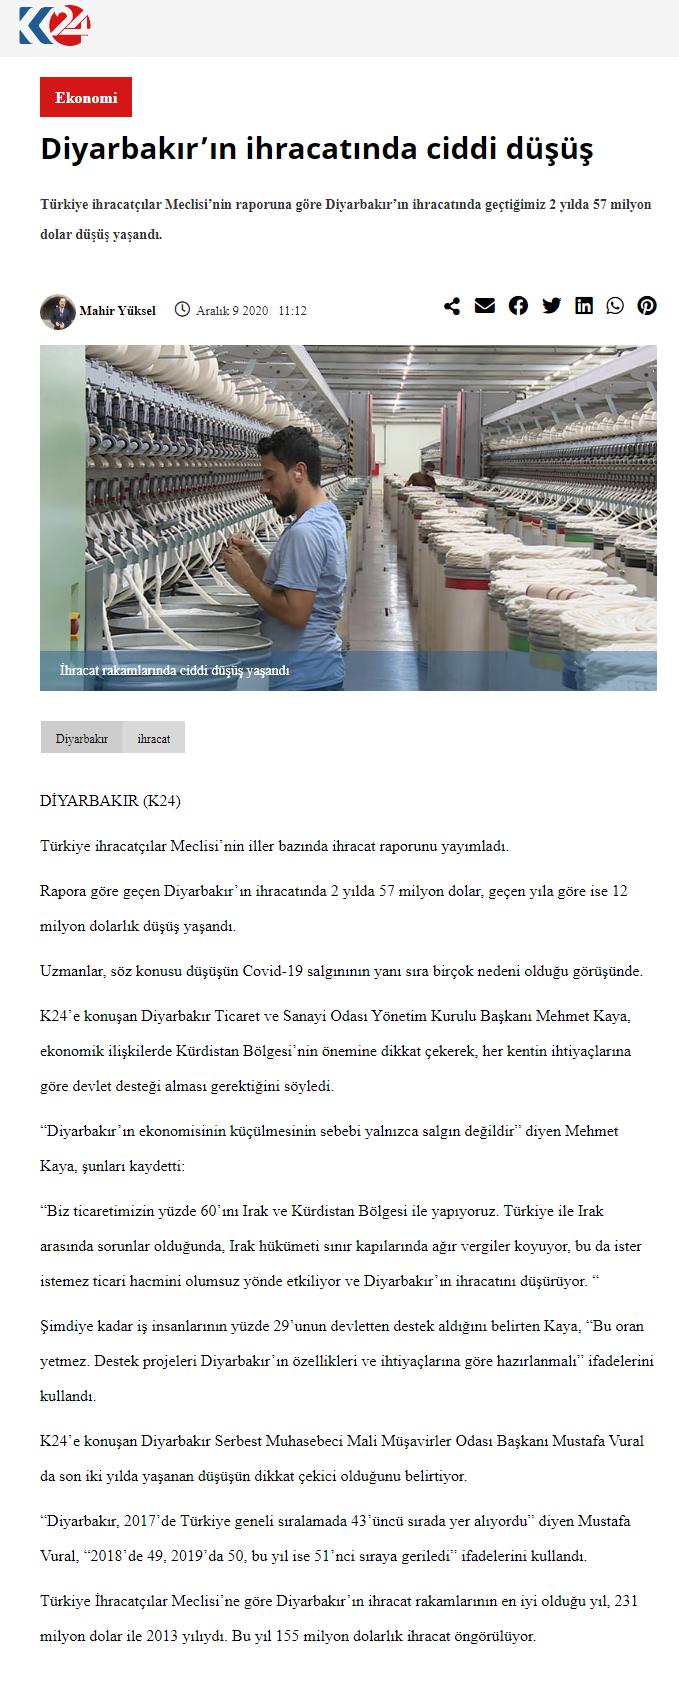 2020 12 09 Diyarbakır'ın İhracatında Ciddi Düşüş (kurdistan24.com)